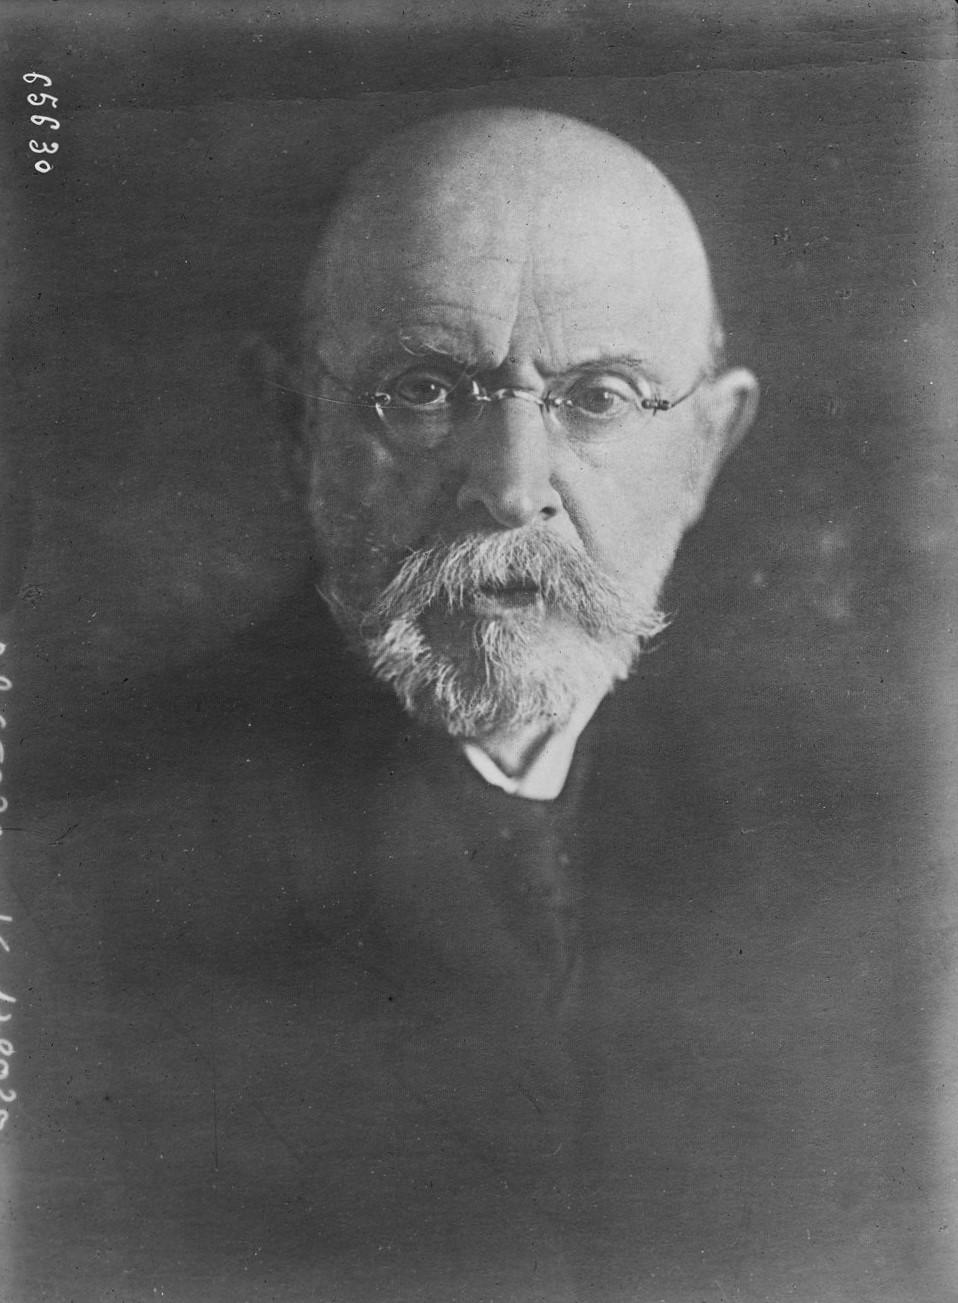 Jirásek in 1921